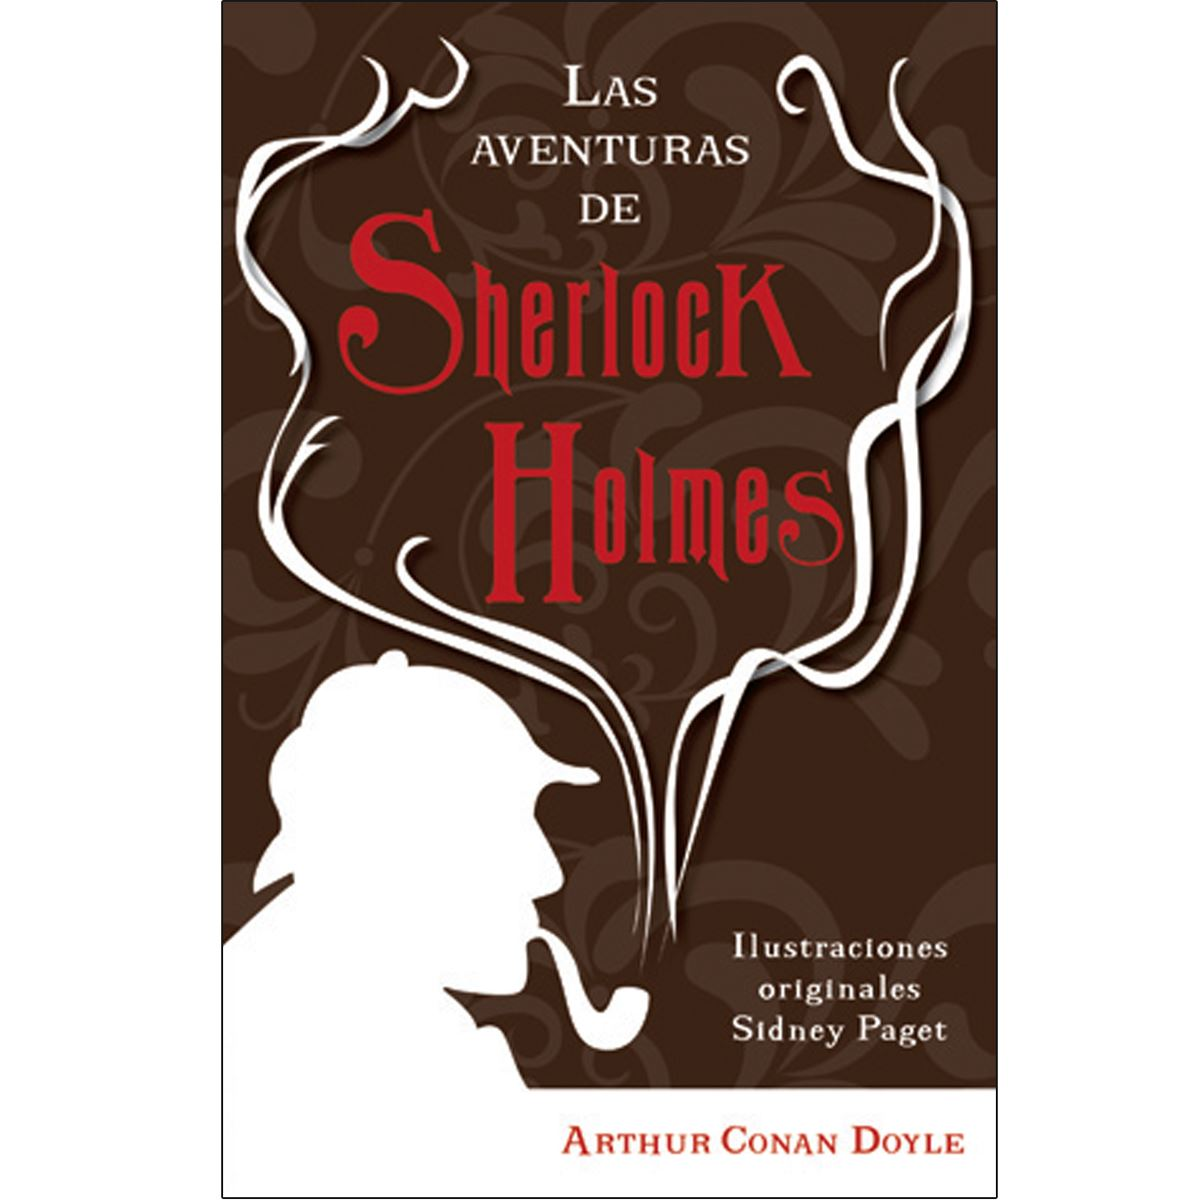 Las aventuras de sherlock holmes Libro - Sanborns